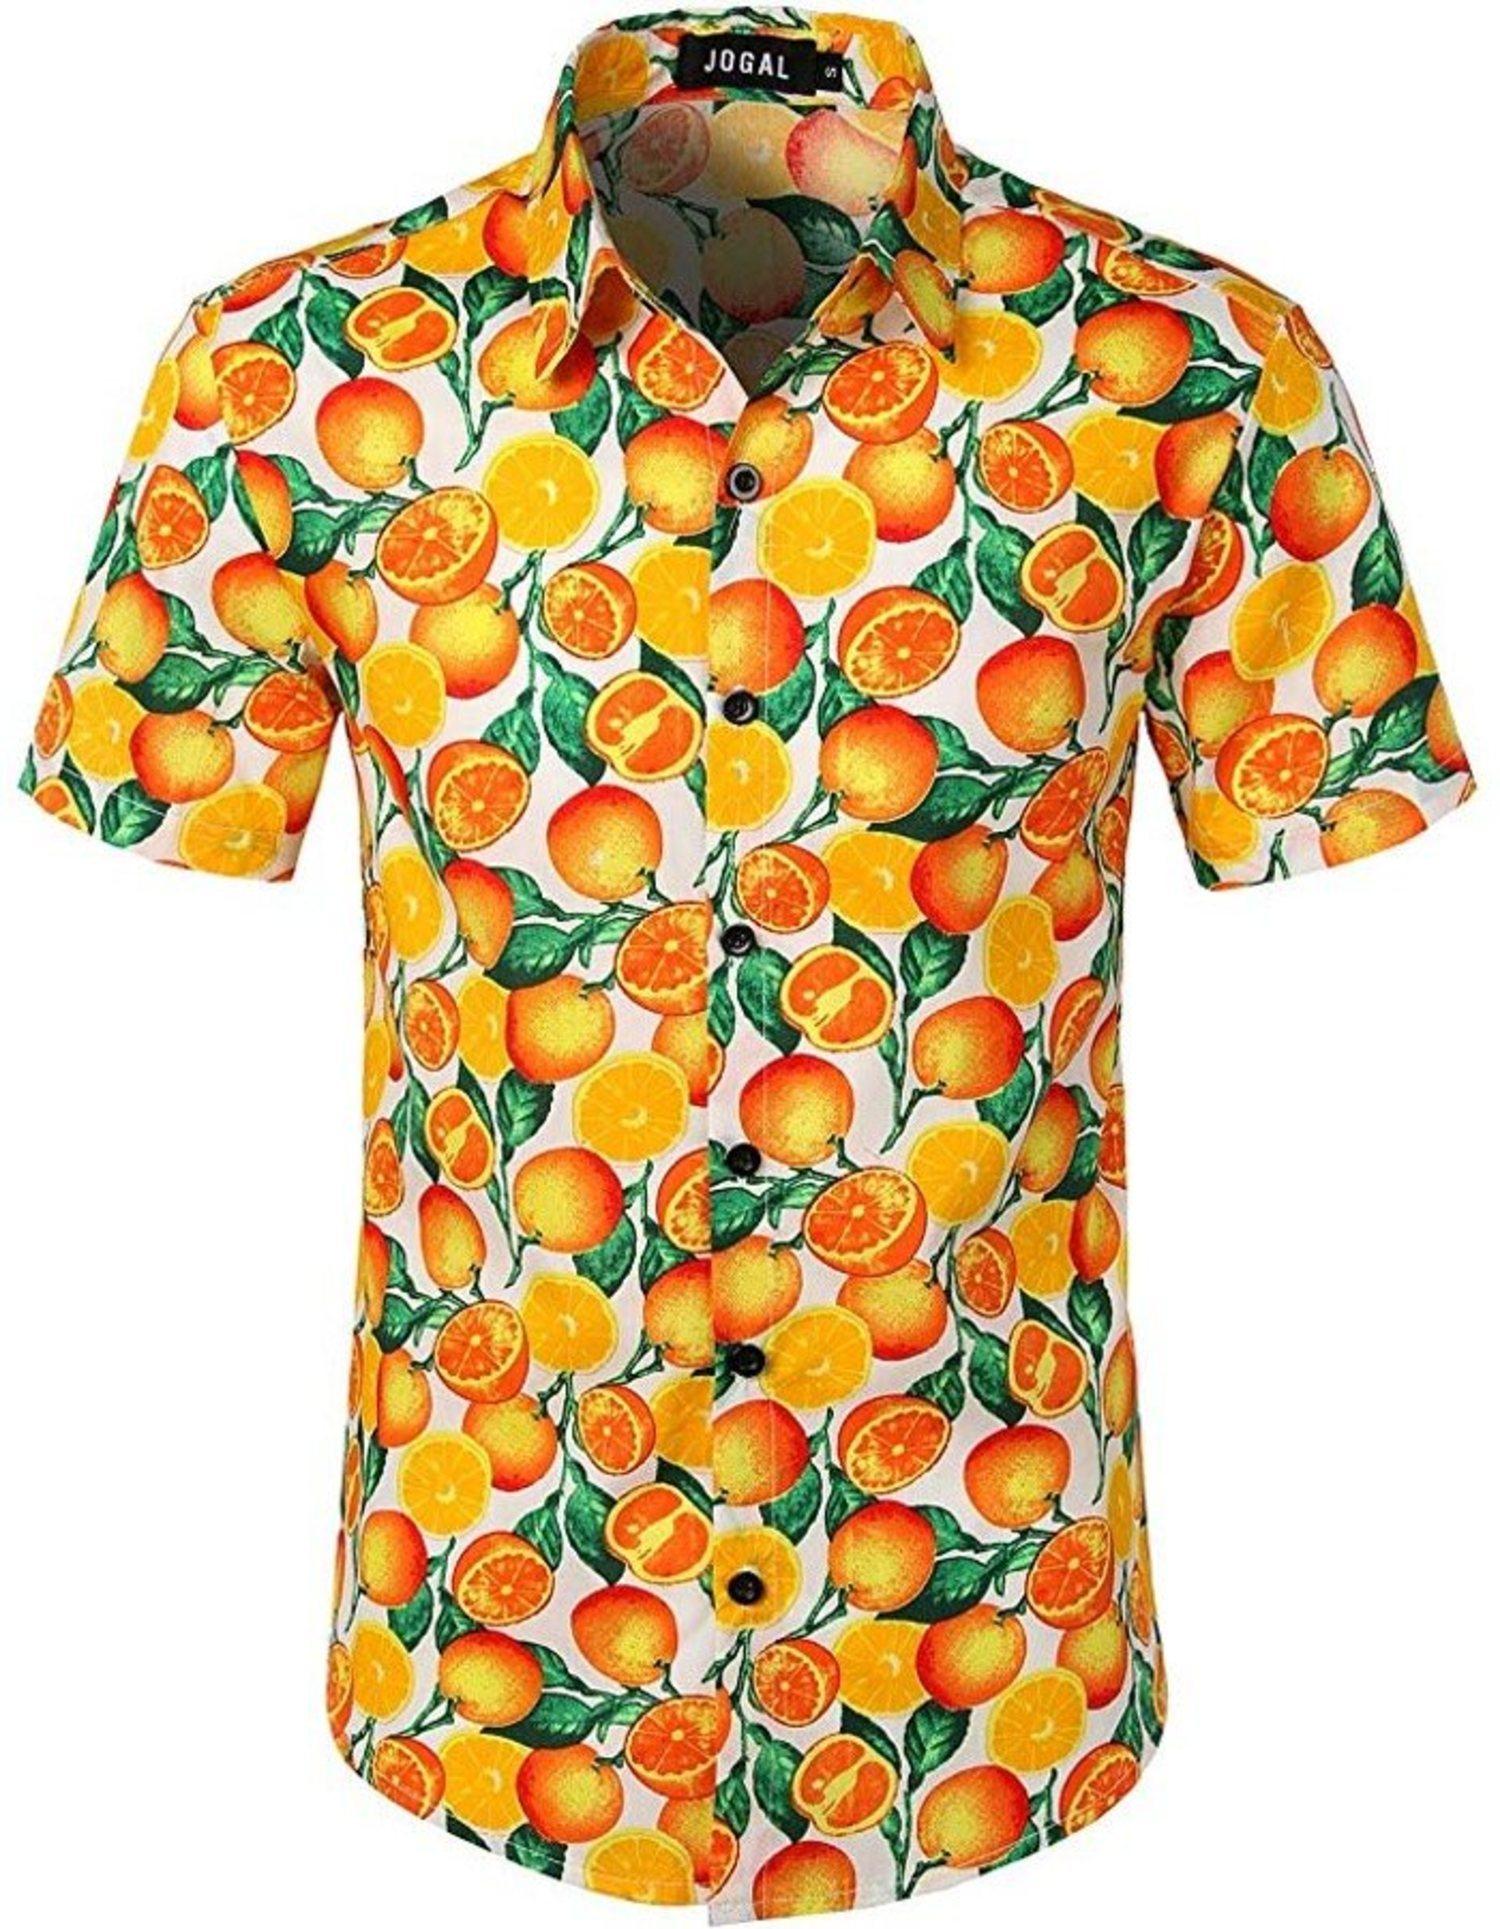 Camisa con fondo de naranjas, el paraíso del zumo